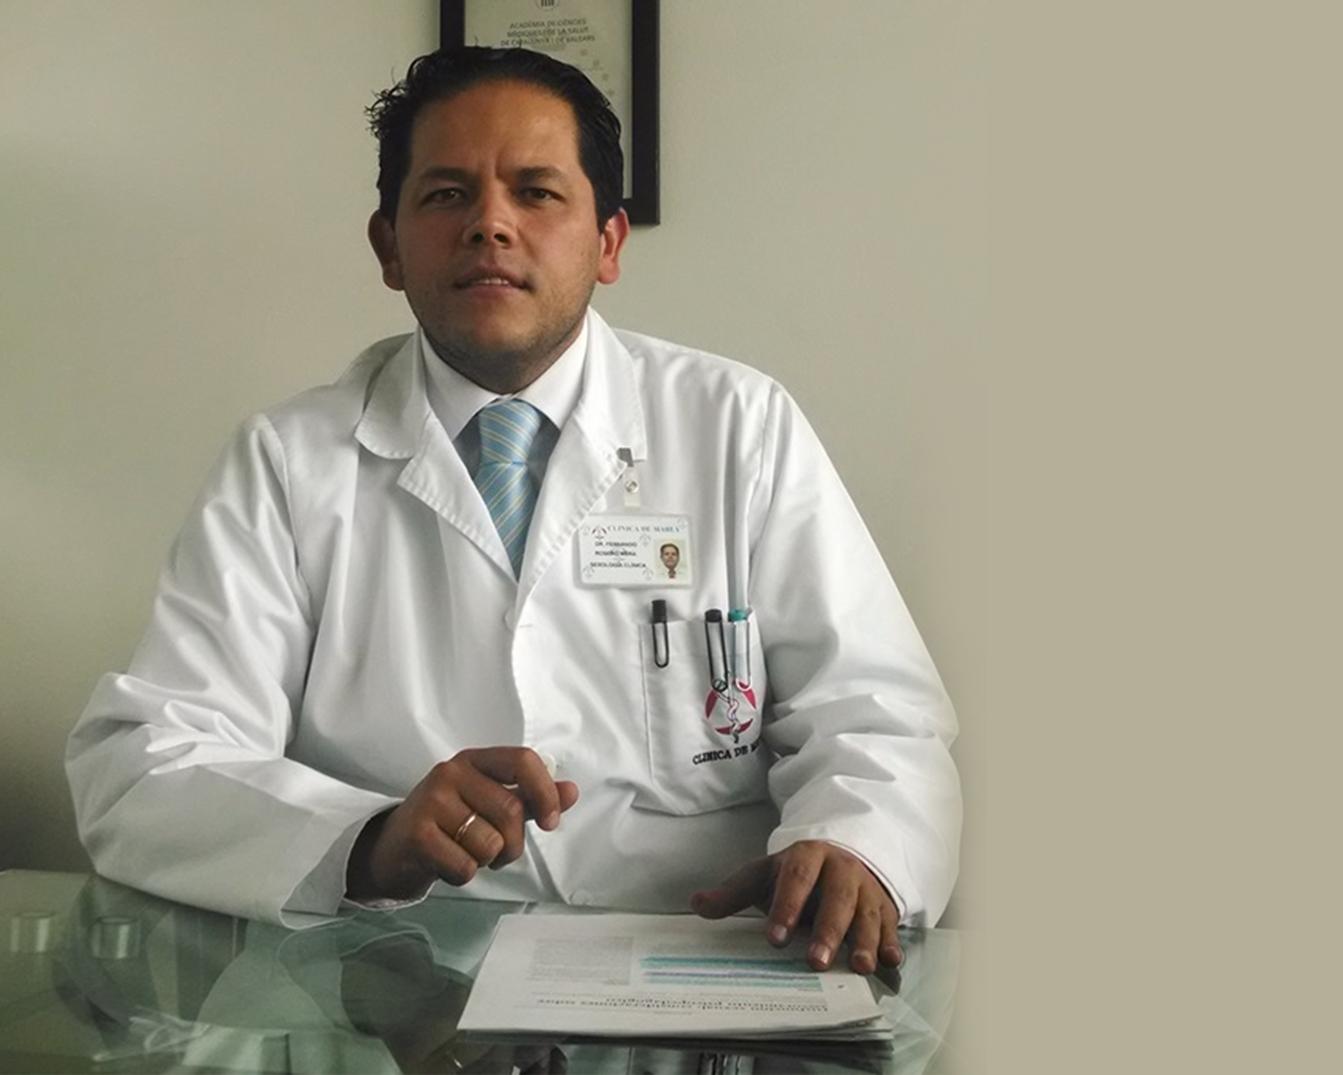 Fernando Rosero